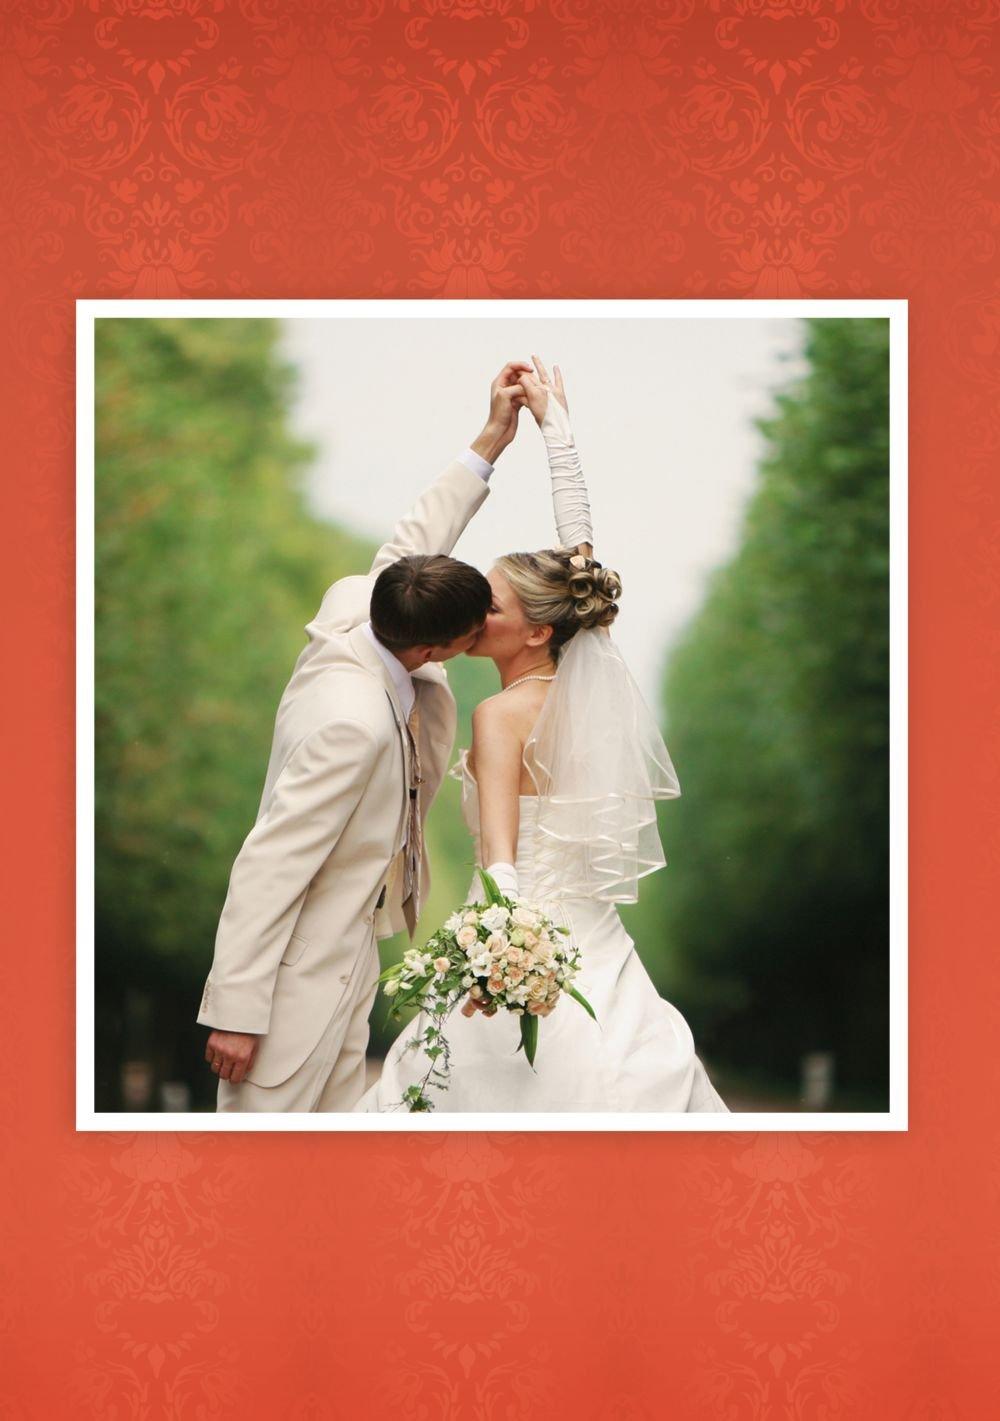 Kartenparadies Danksagung für Hochzeitsgeschenke Hochzeit Danke Eheversprechen, hochwertige Danksagungskarte Hochzeitsglückwünsche Hochzeitsglückwünsche Hochzeitsglückwünsche inklusive Umschläge   20 Karten - (Format  105x148 mm) Farbe  Orange B01MTBL4LO | Um Sowohl Die Qualität 38e57f